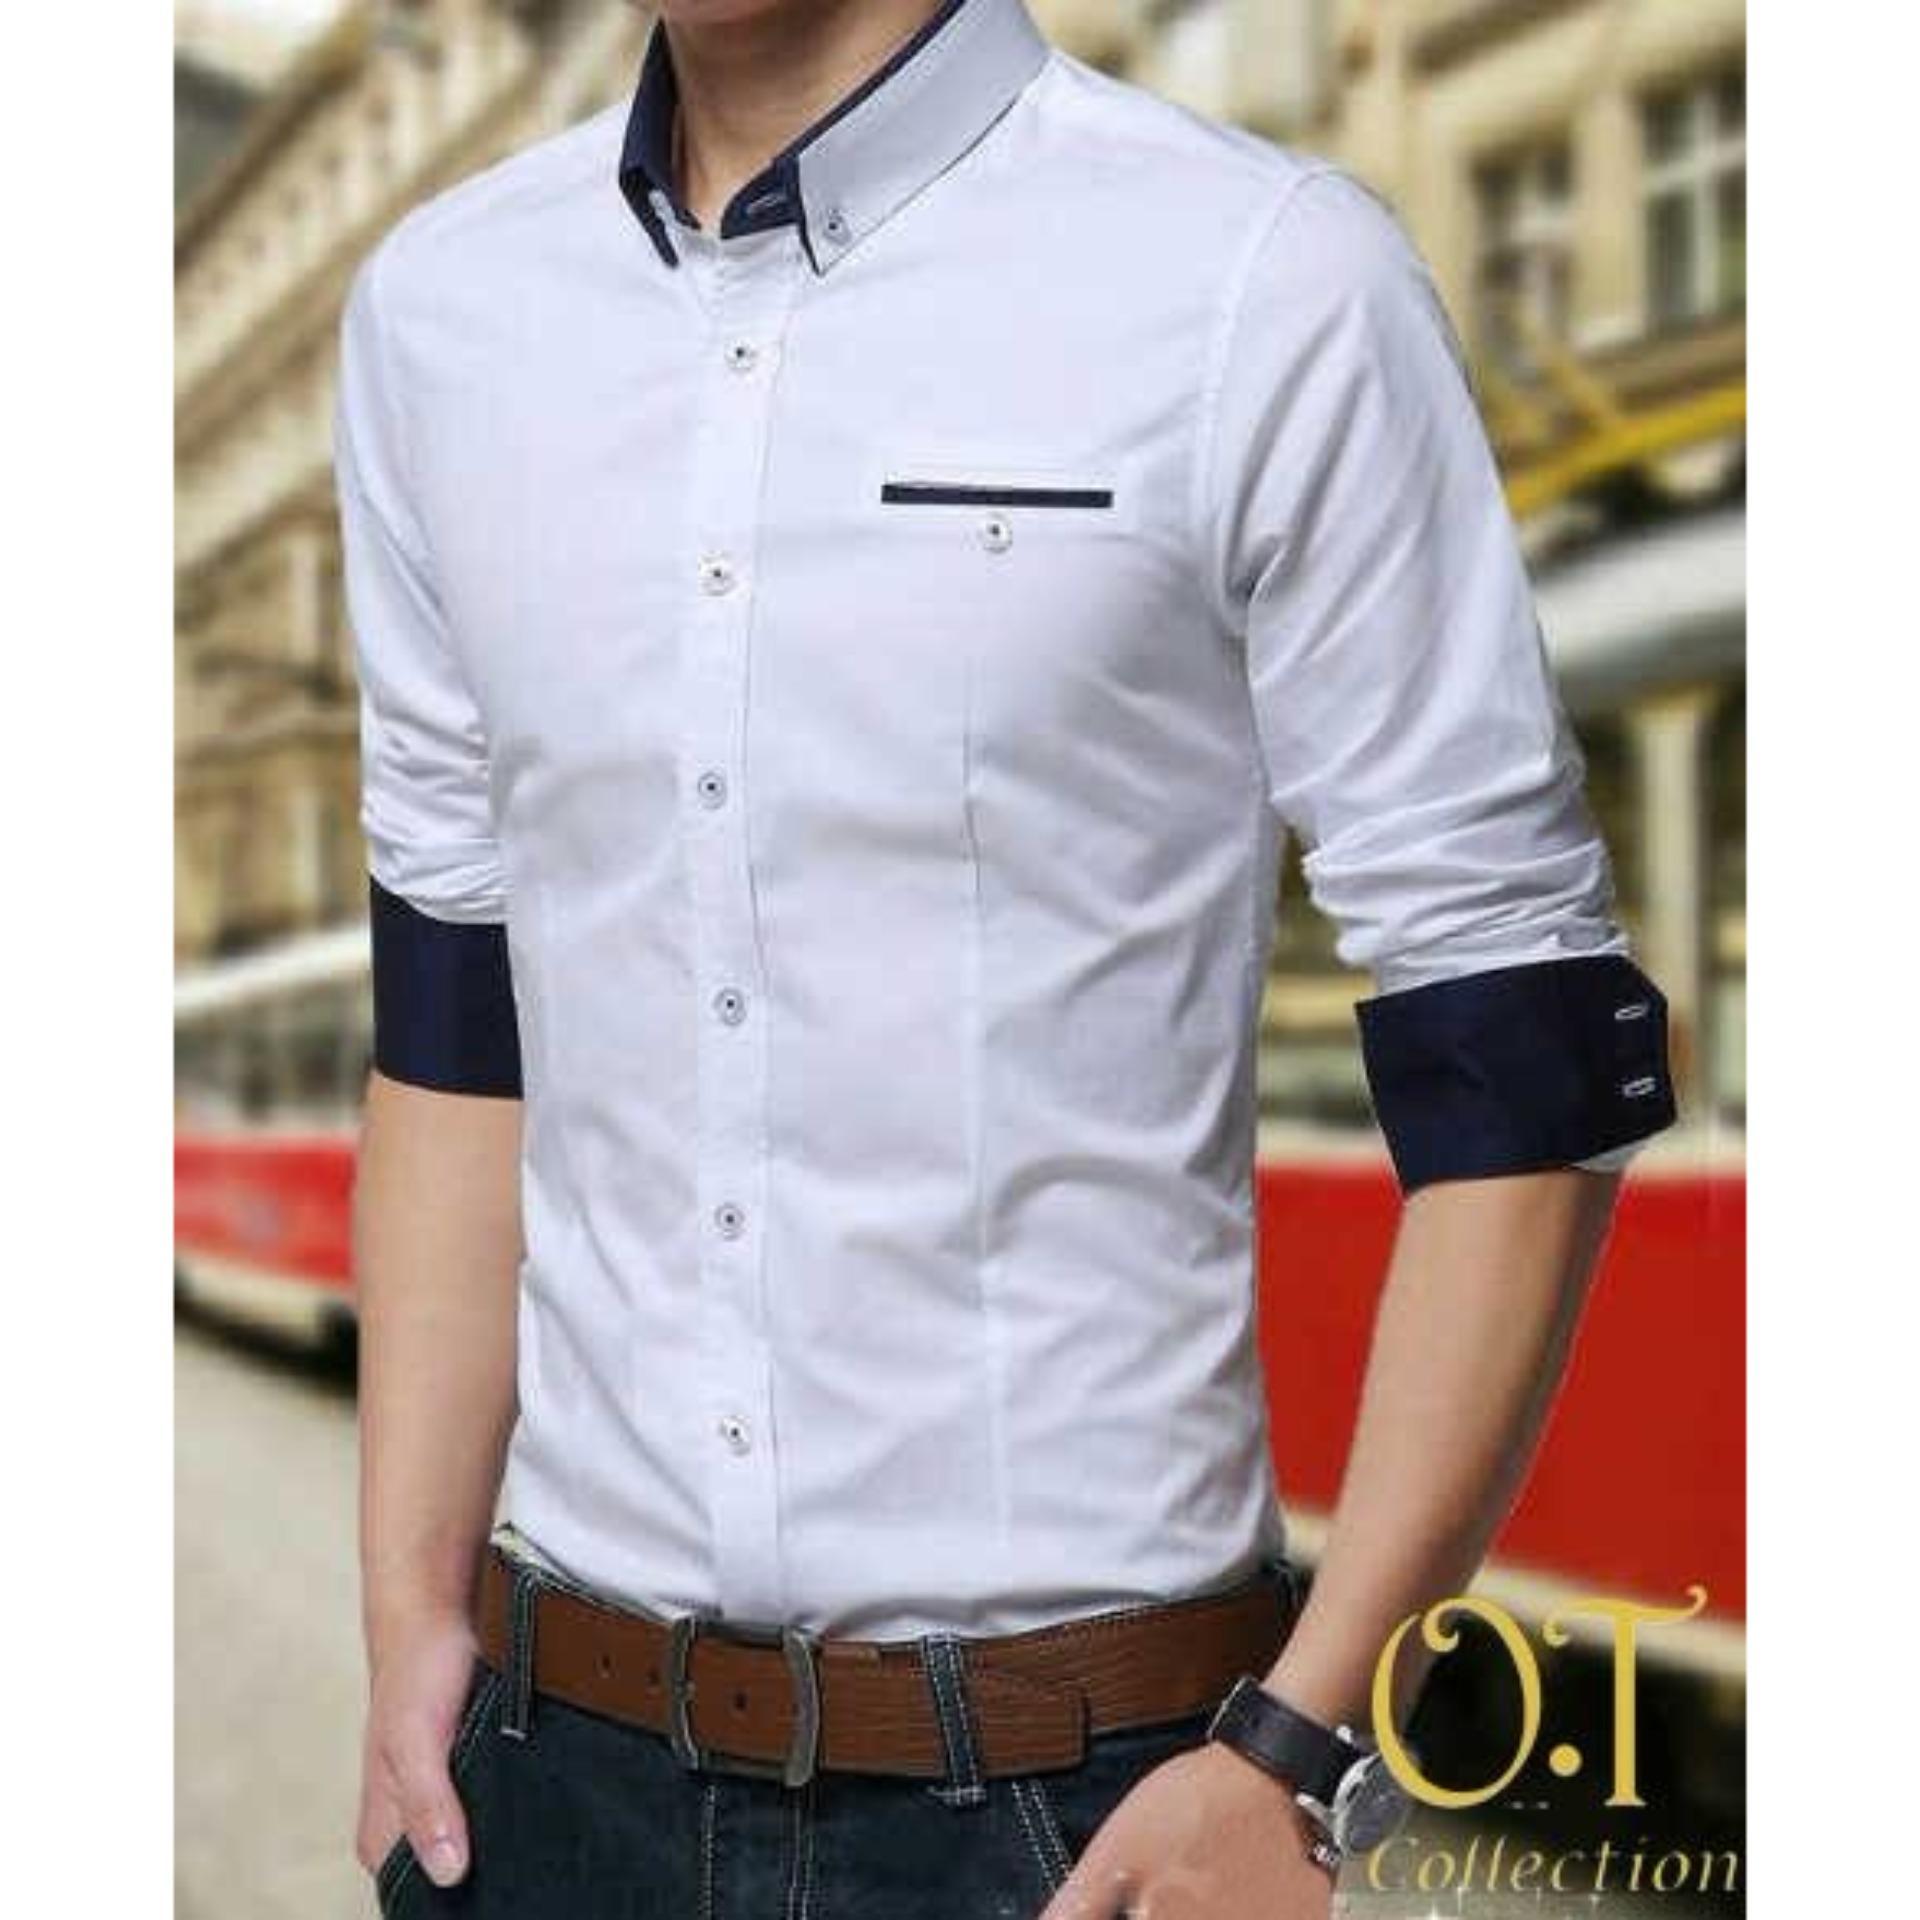 Fitur Pakaian Baju Kemeja Panjang Pria Model Baru Formal Dan Casual Baruuu Slimfit Premium Slim Fit Warna Putih Kombi Abu